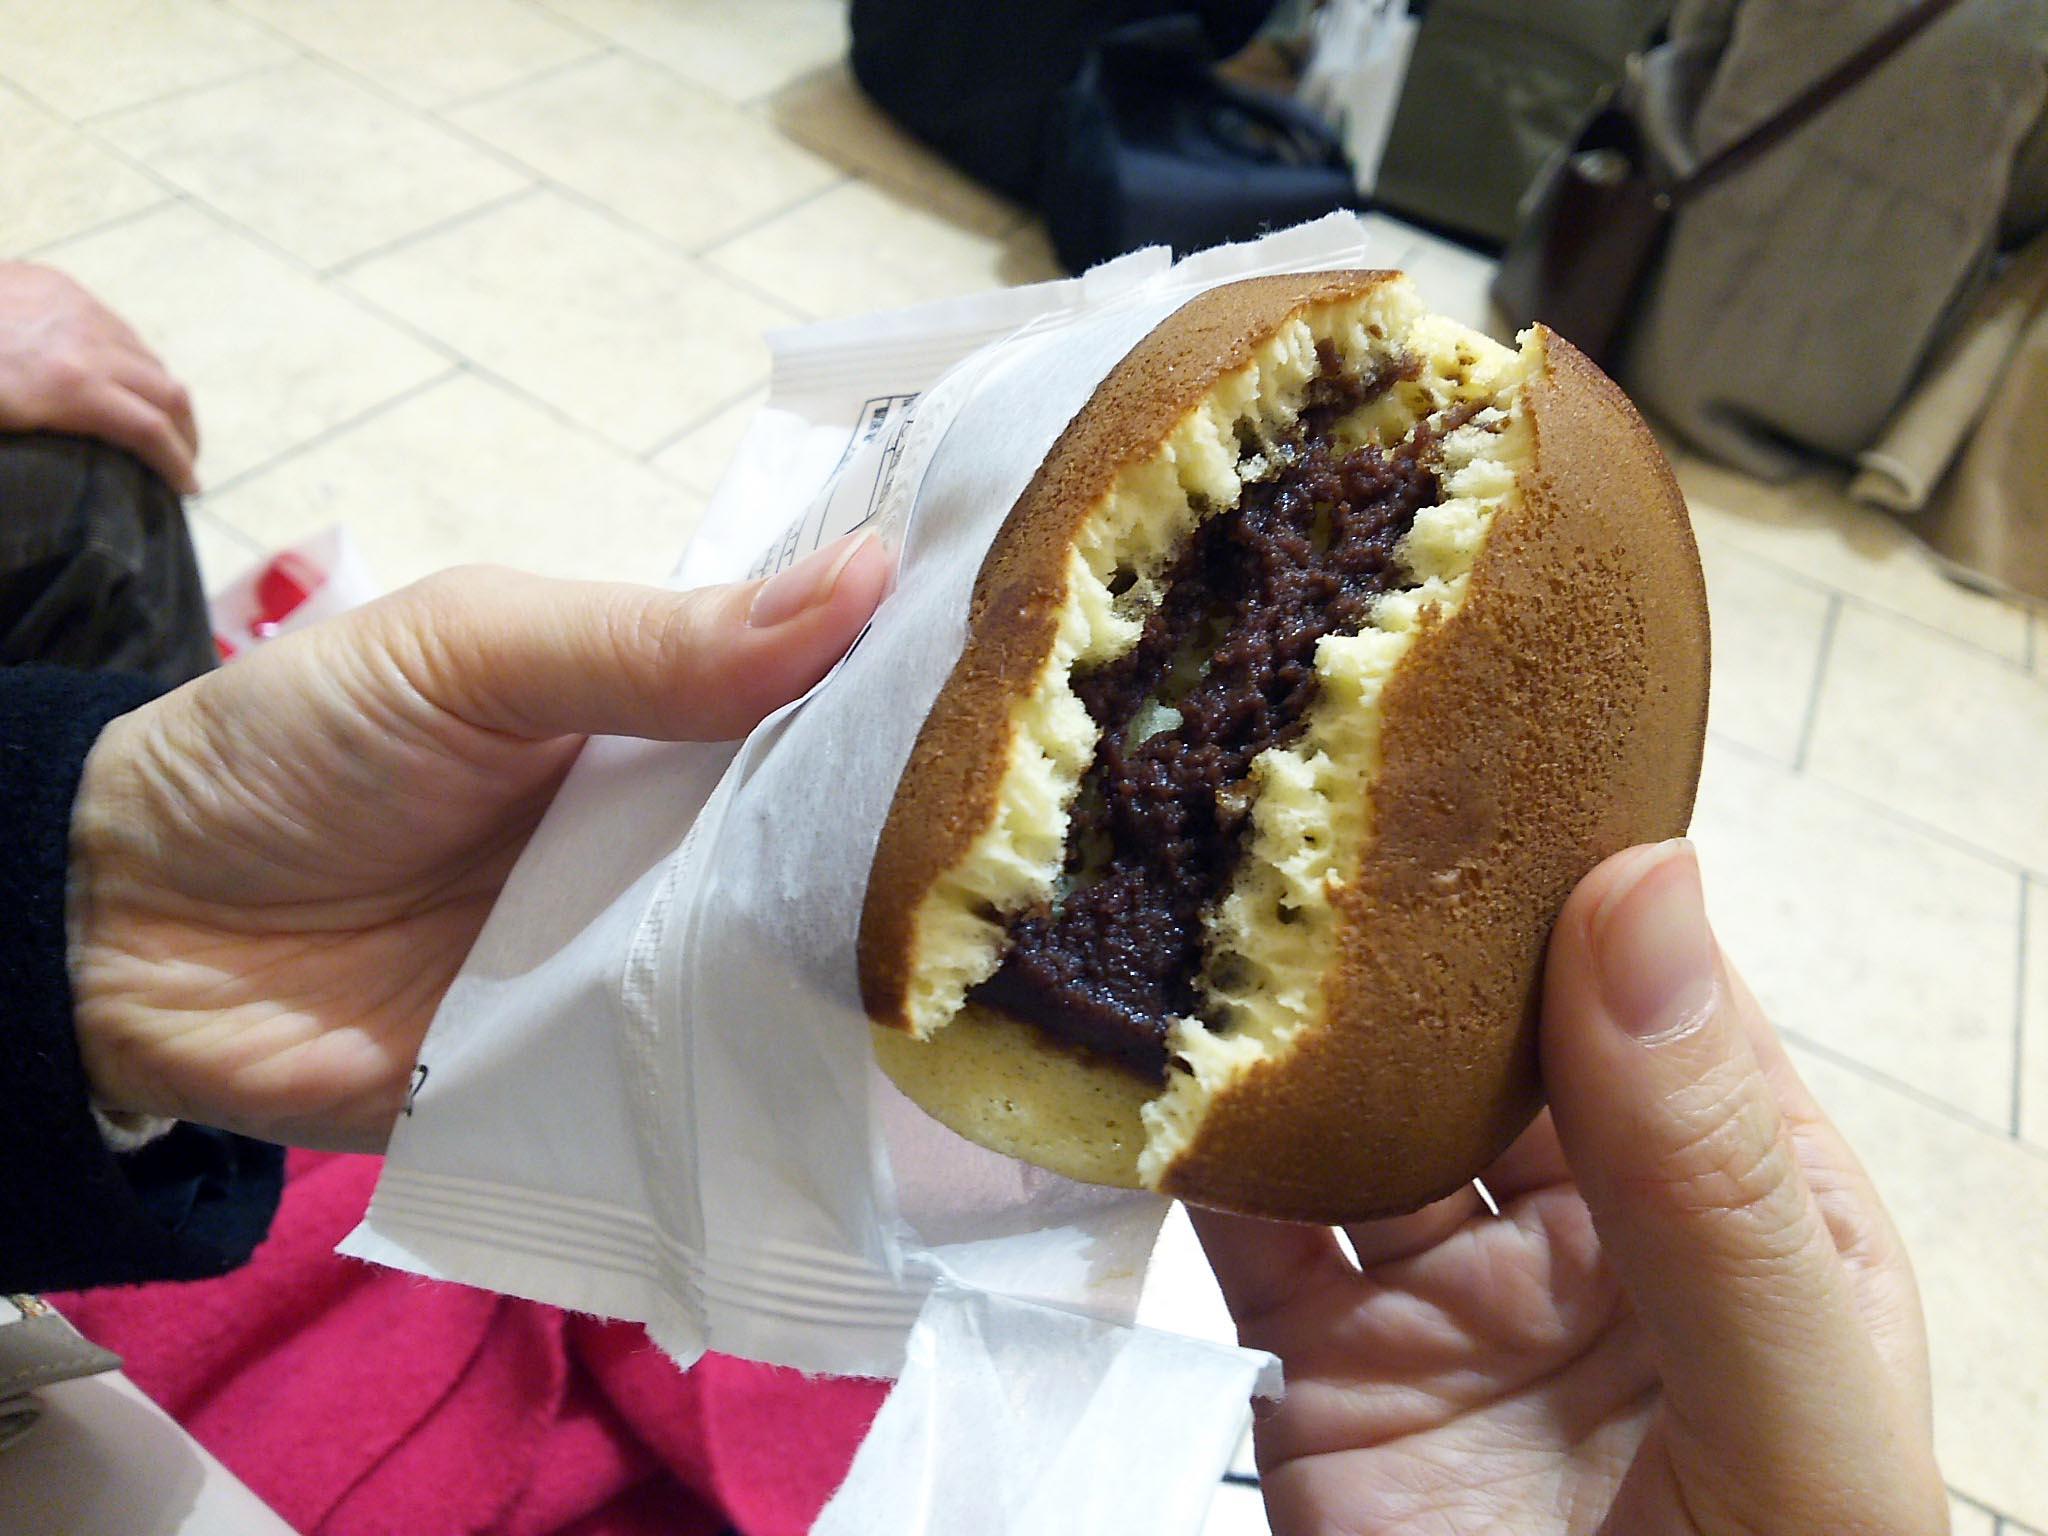 【バレンタイン】えっ!?和菓子のチョコレート菓子!